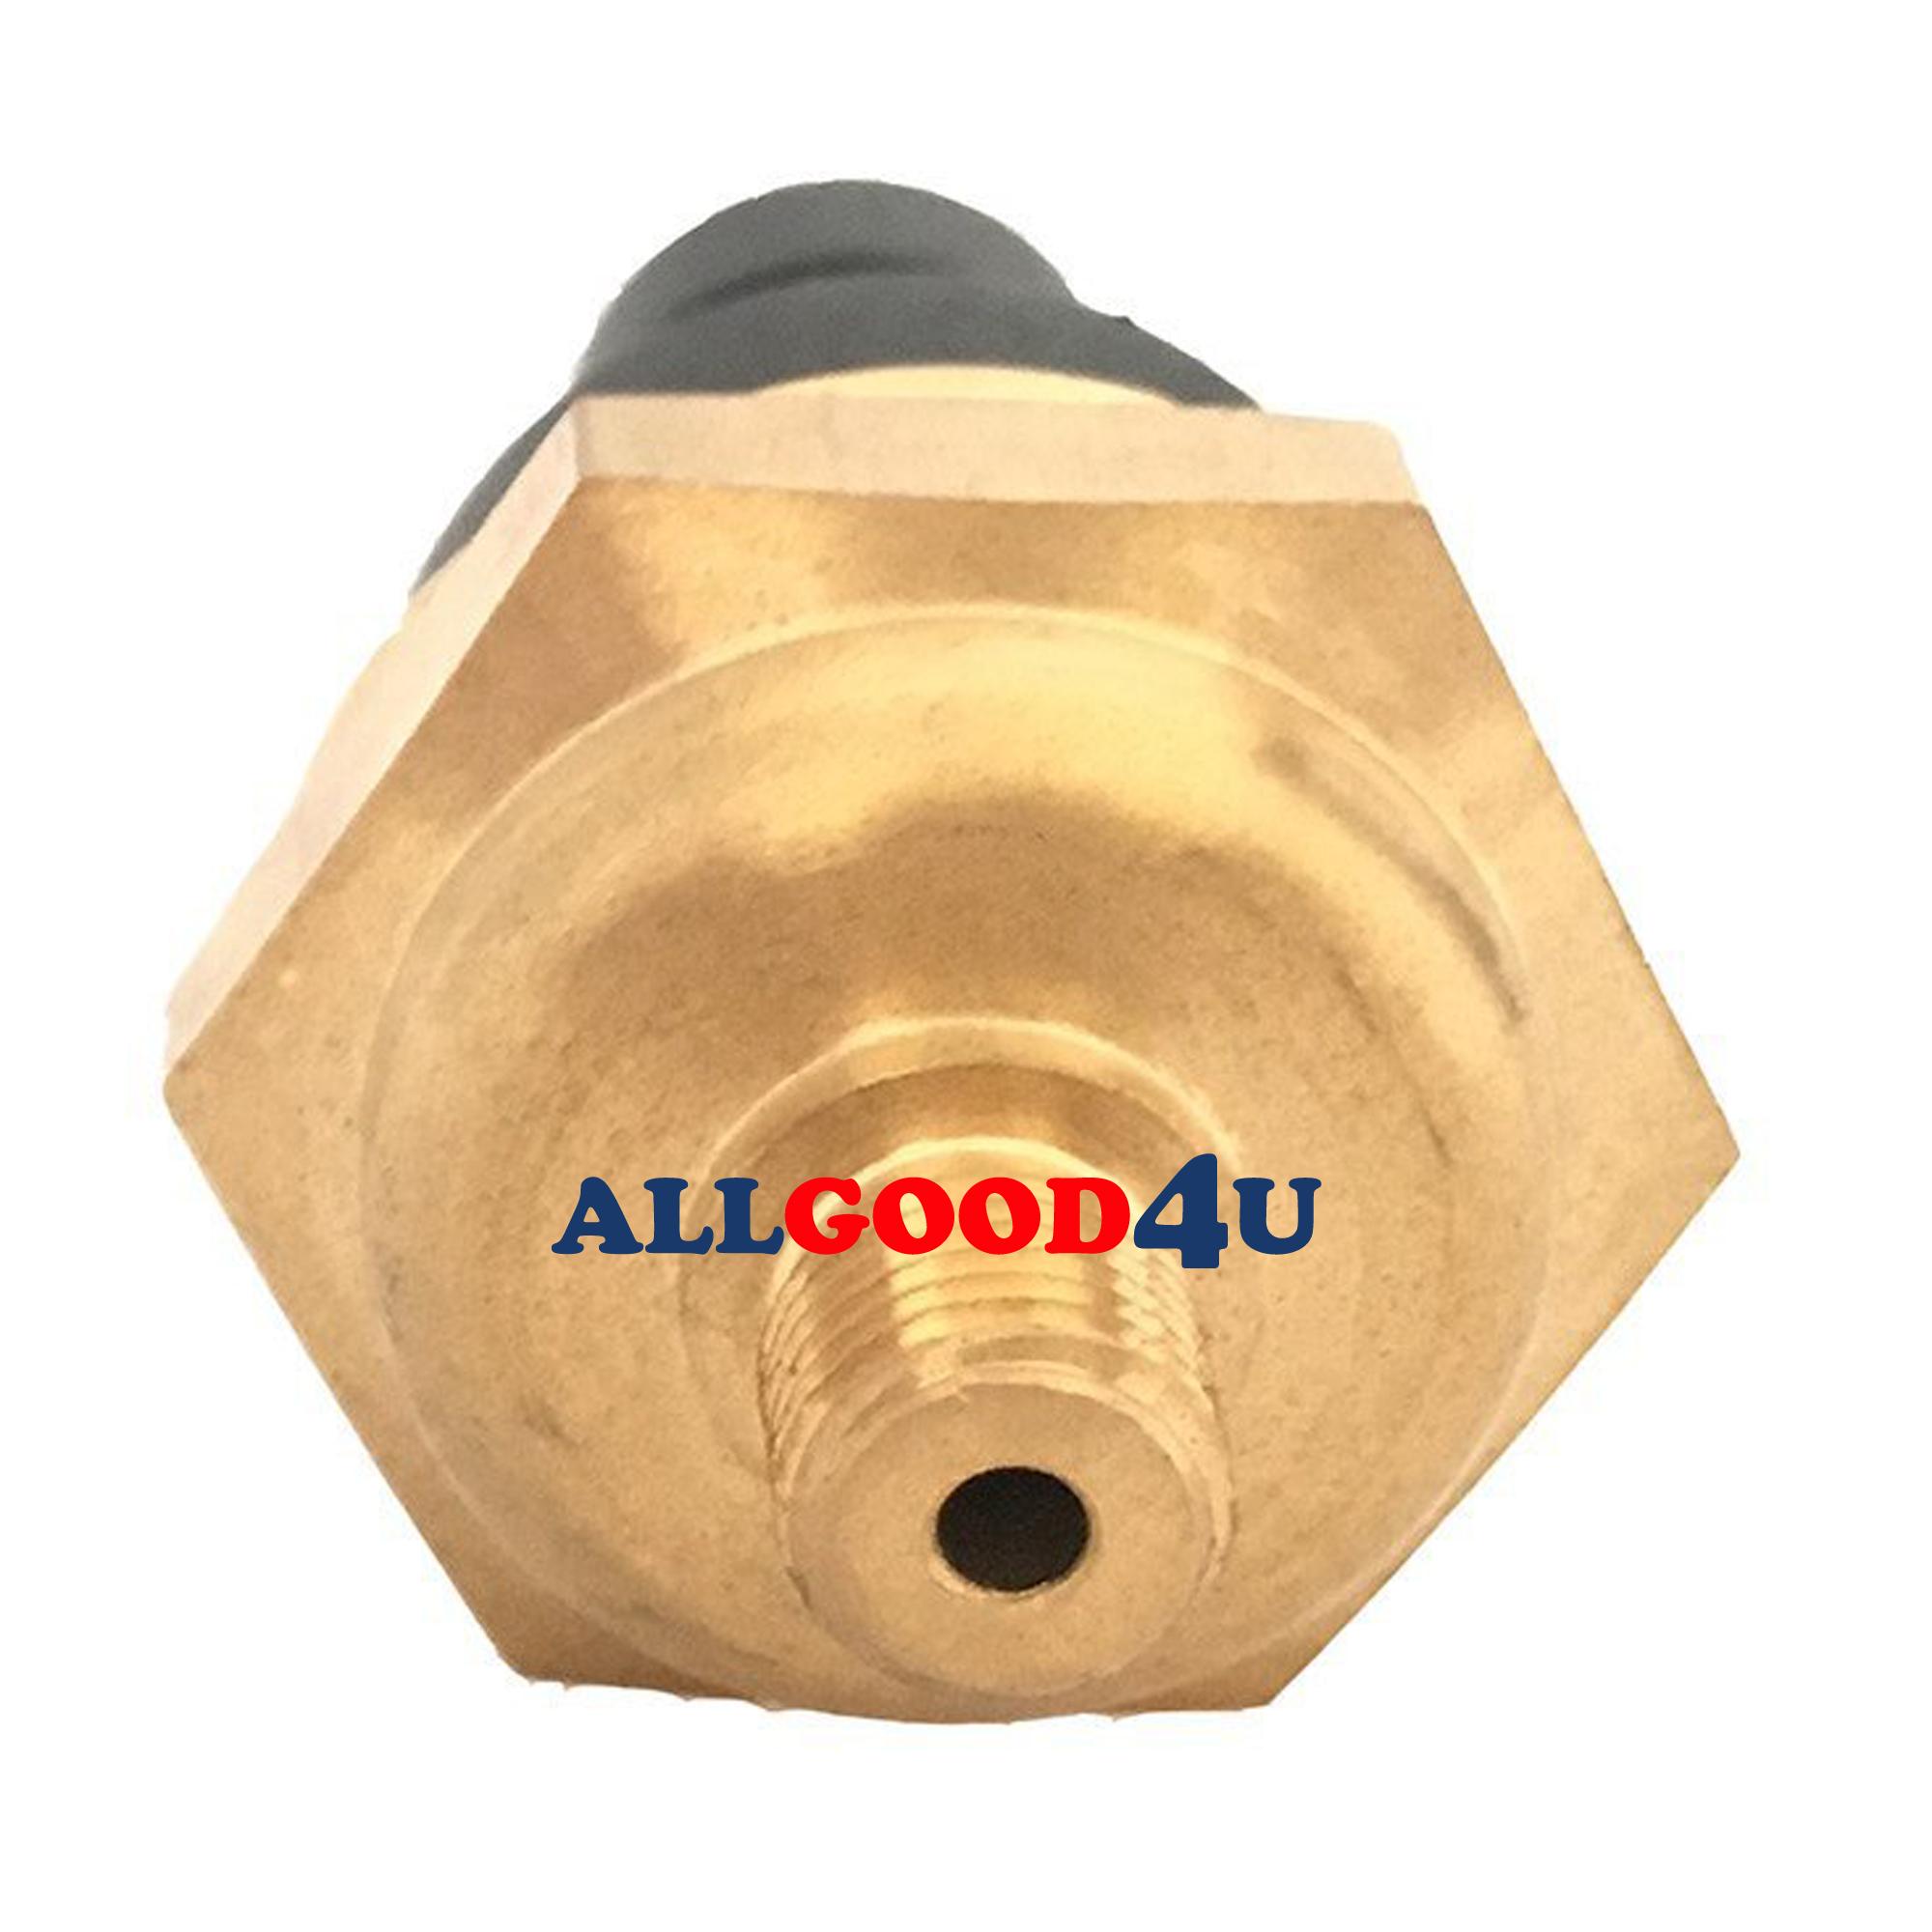 Details about Oil Pressure Sensor 6674315 For Bobcat 751 753 763 773 Loader